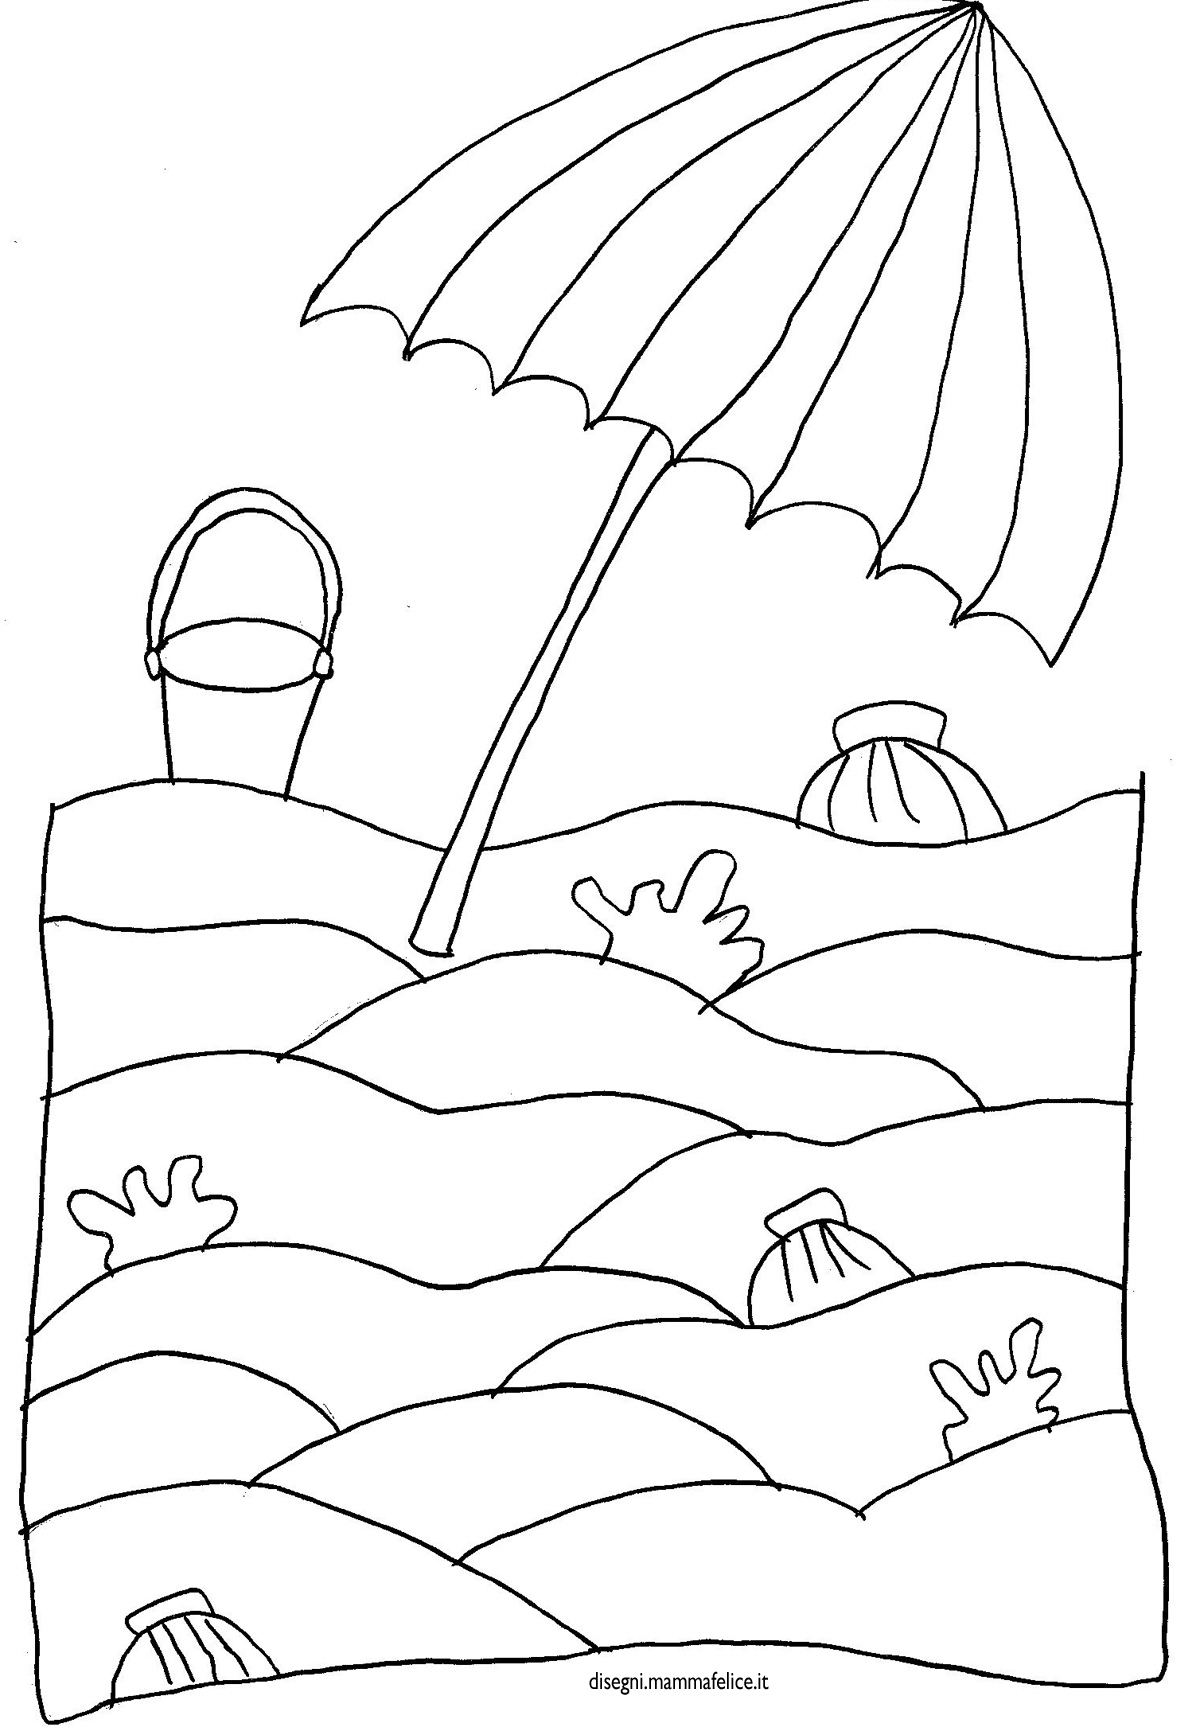 Disegno Da Colorare Spiaggia E Ombrellone Disegni Mammafelice